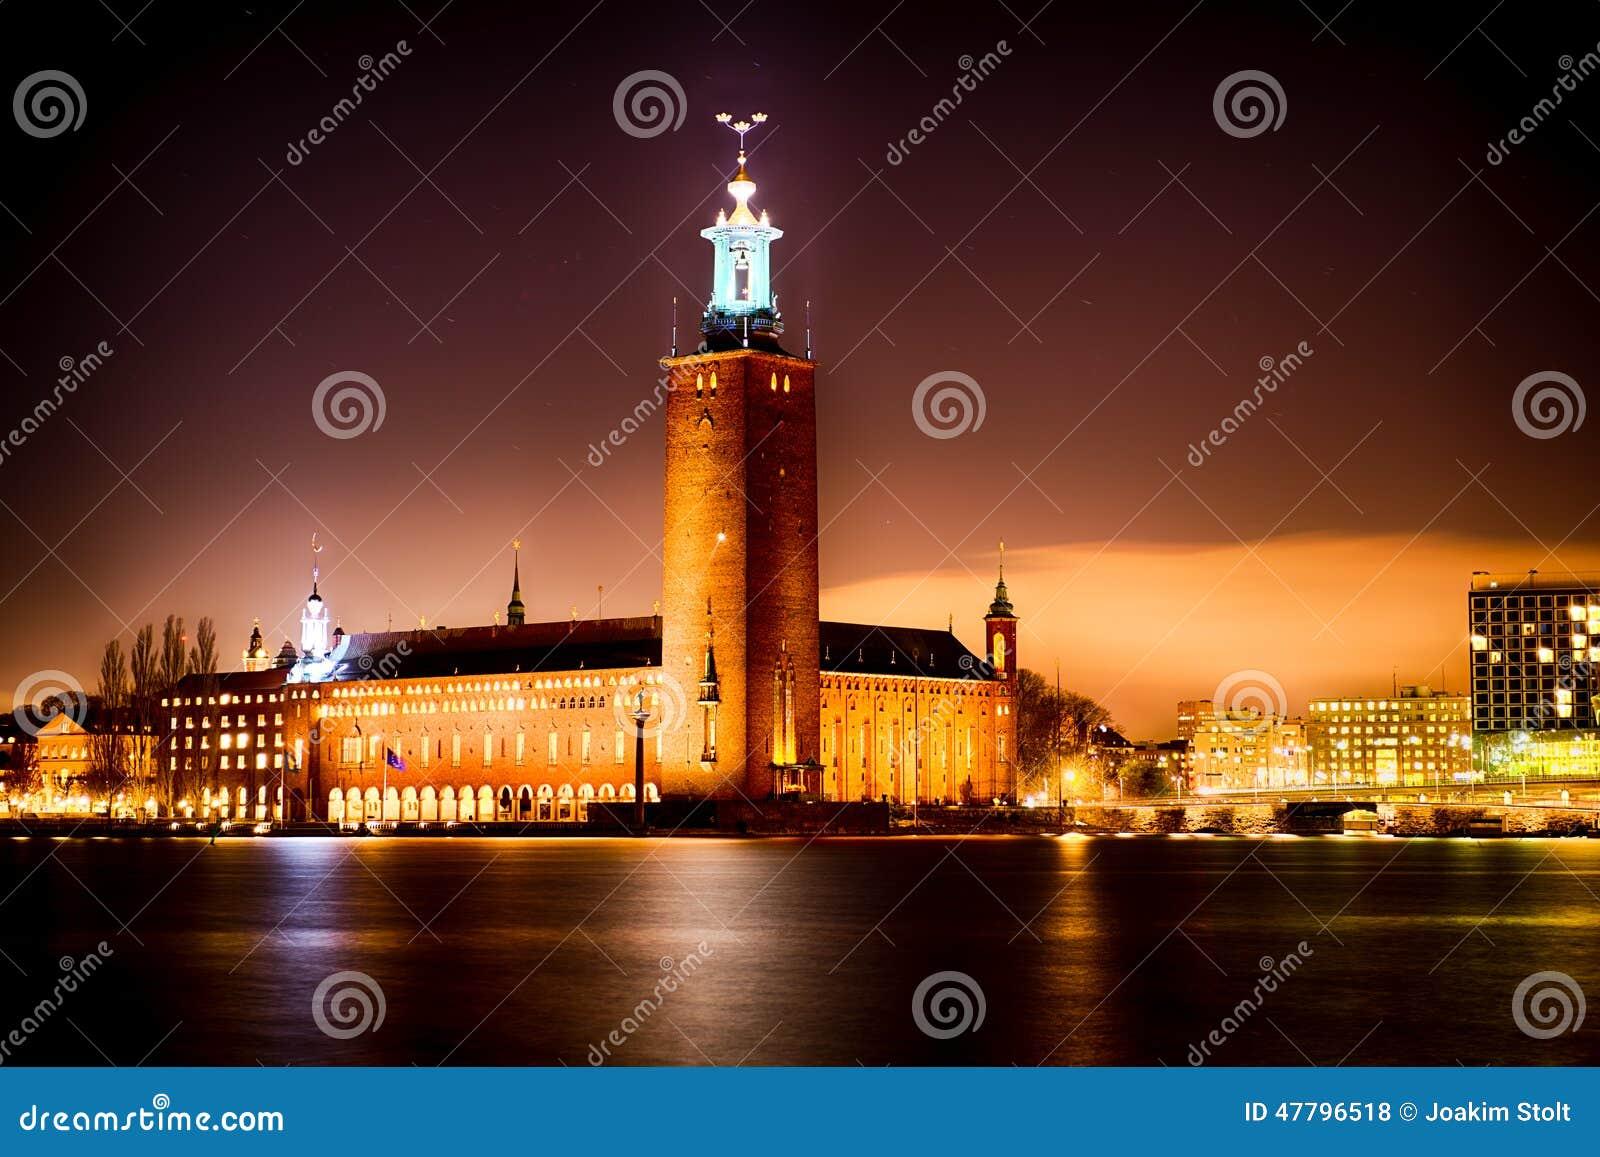 Αίθουσα πόλεων της Στοκχόλμης